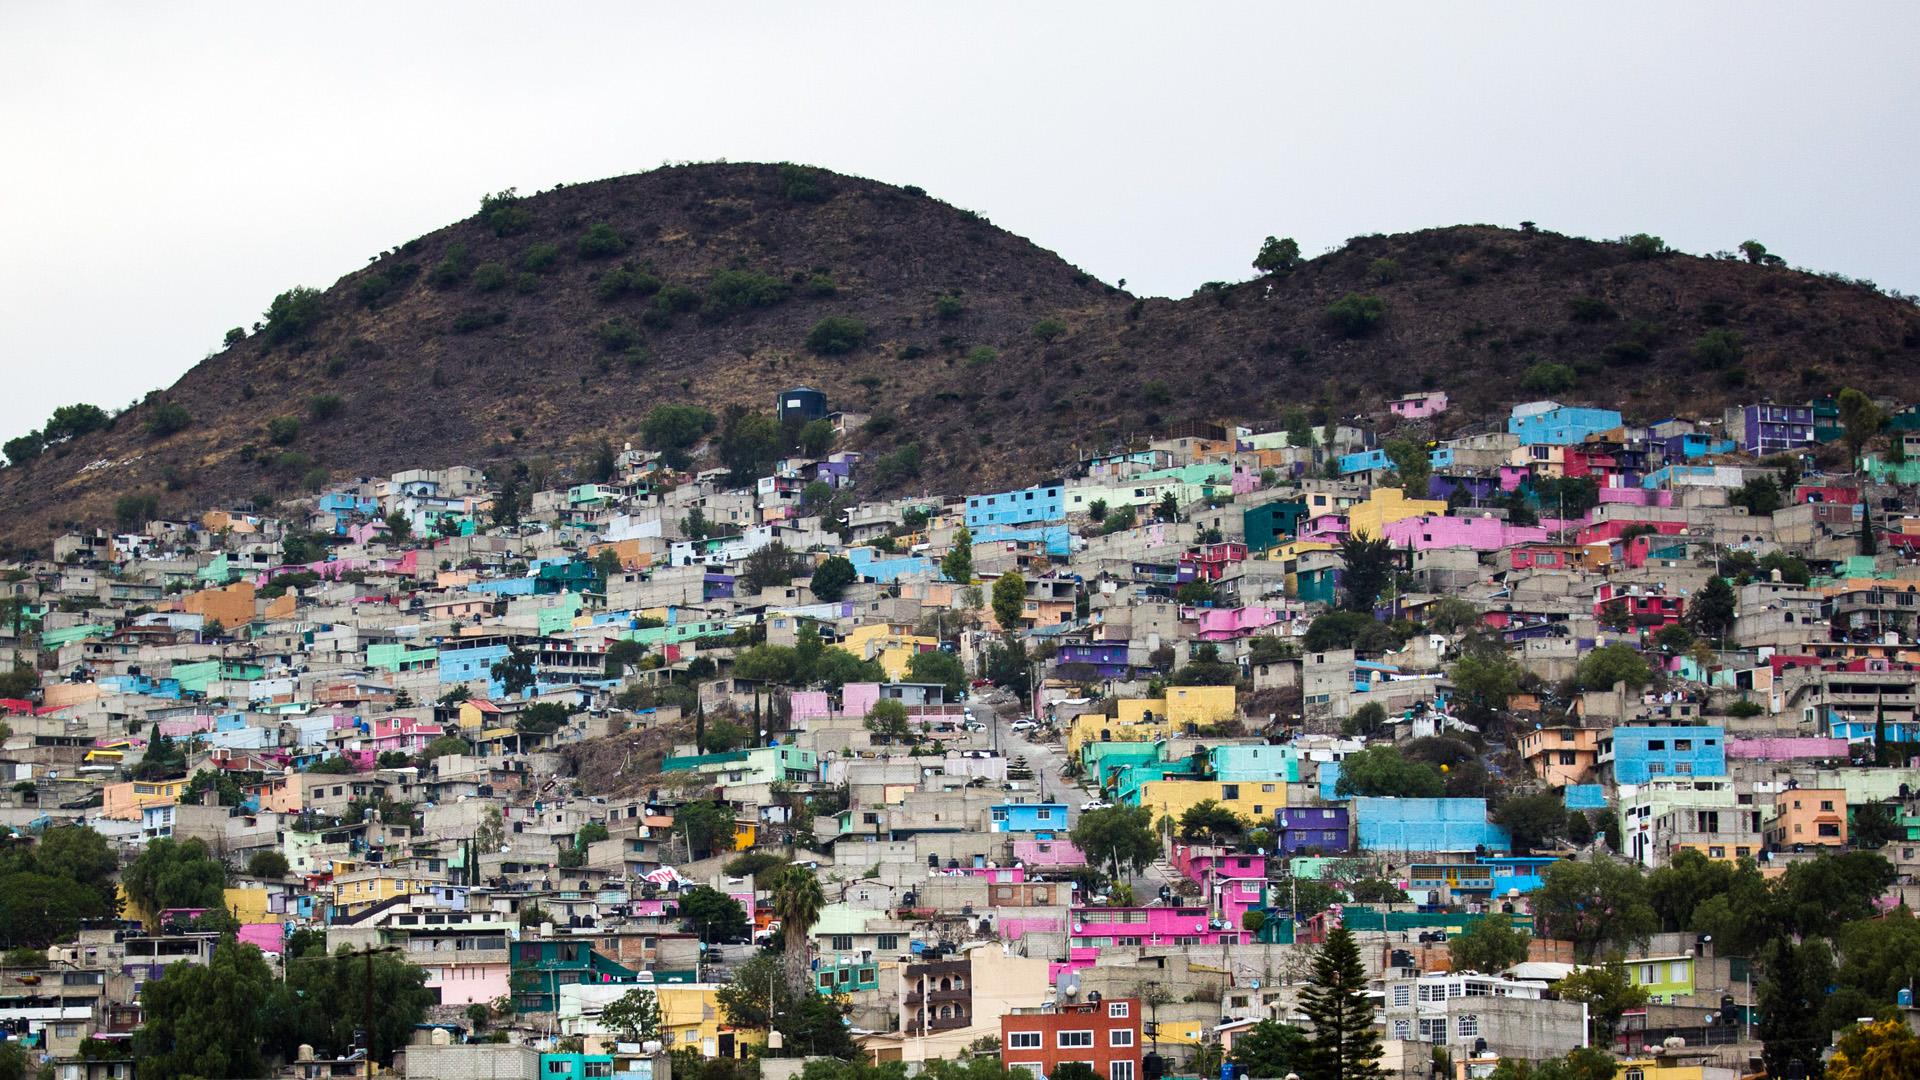 Wohnsiedlung an einem Berg im Ballungsgebiet von Mexiko-Stadt